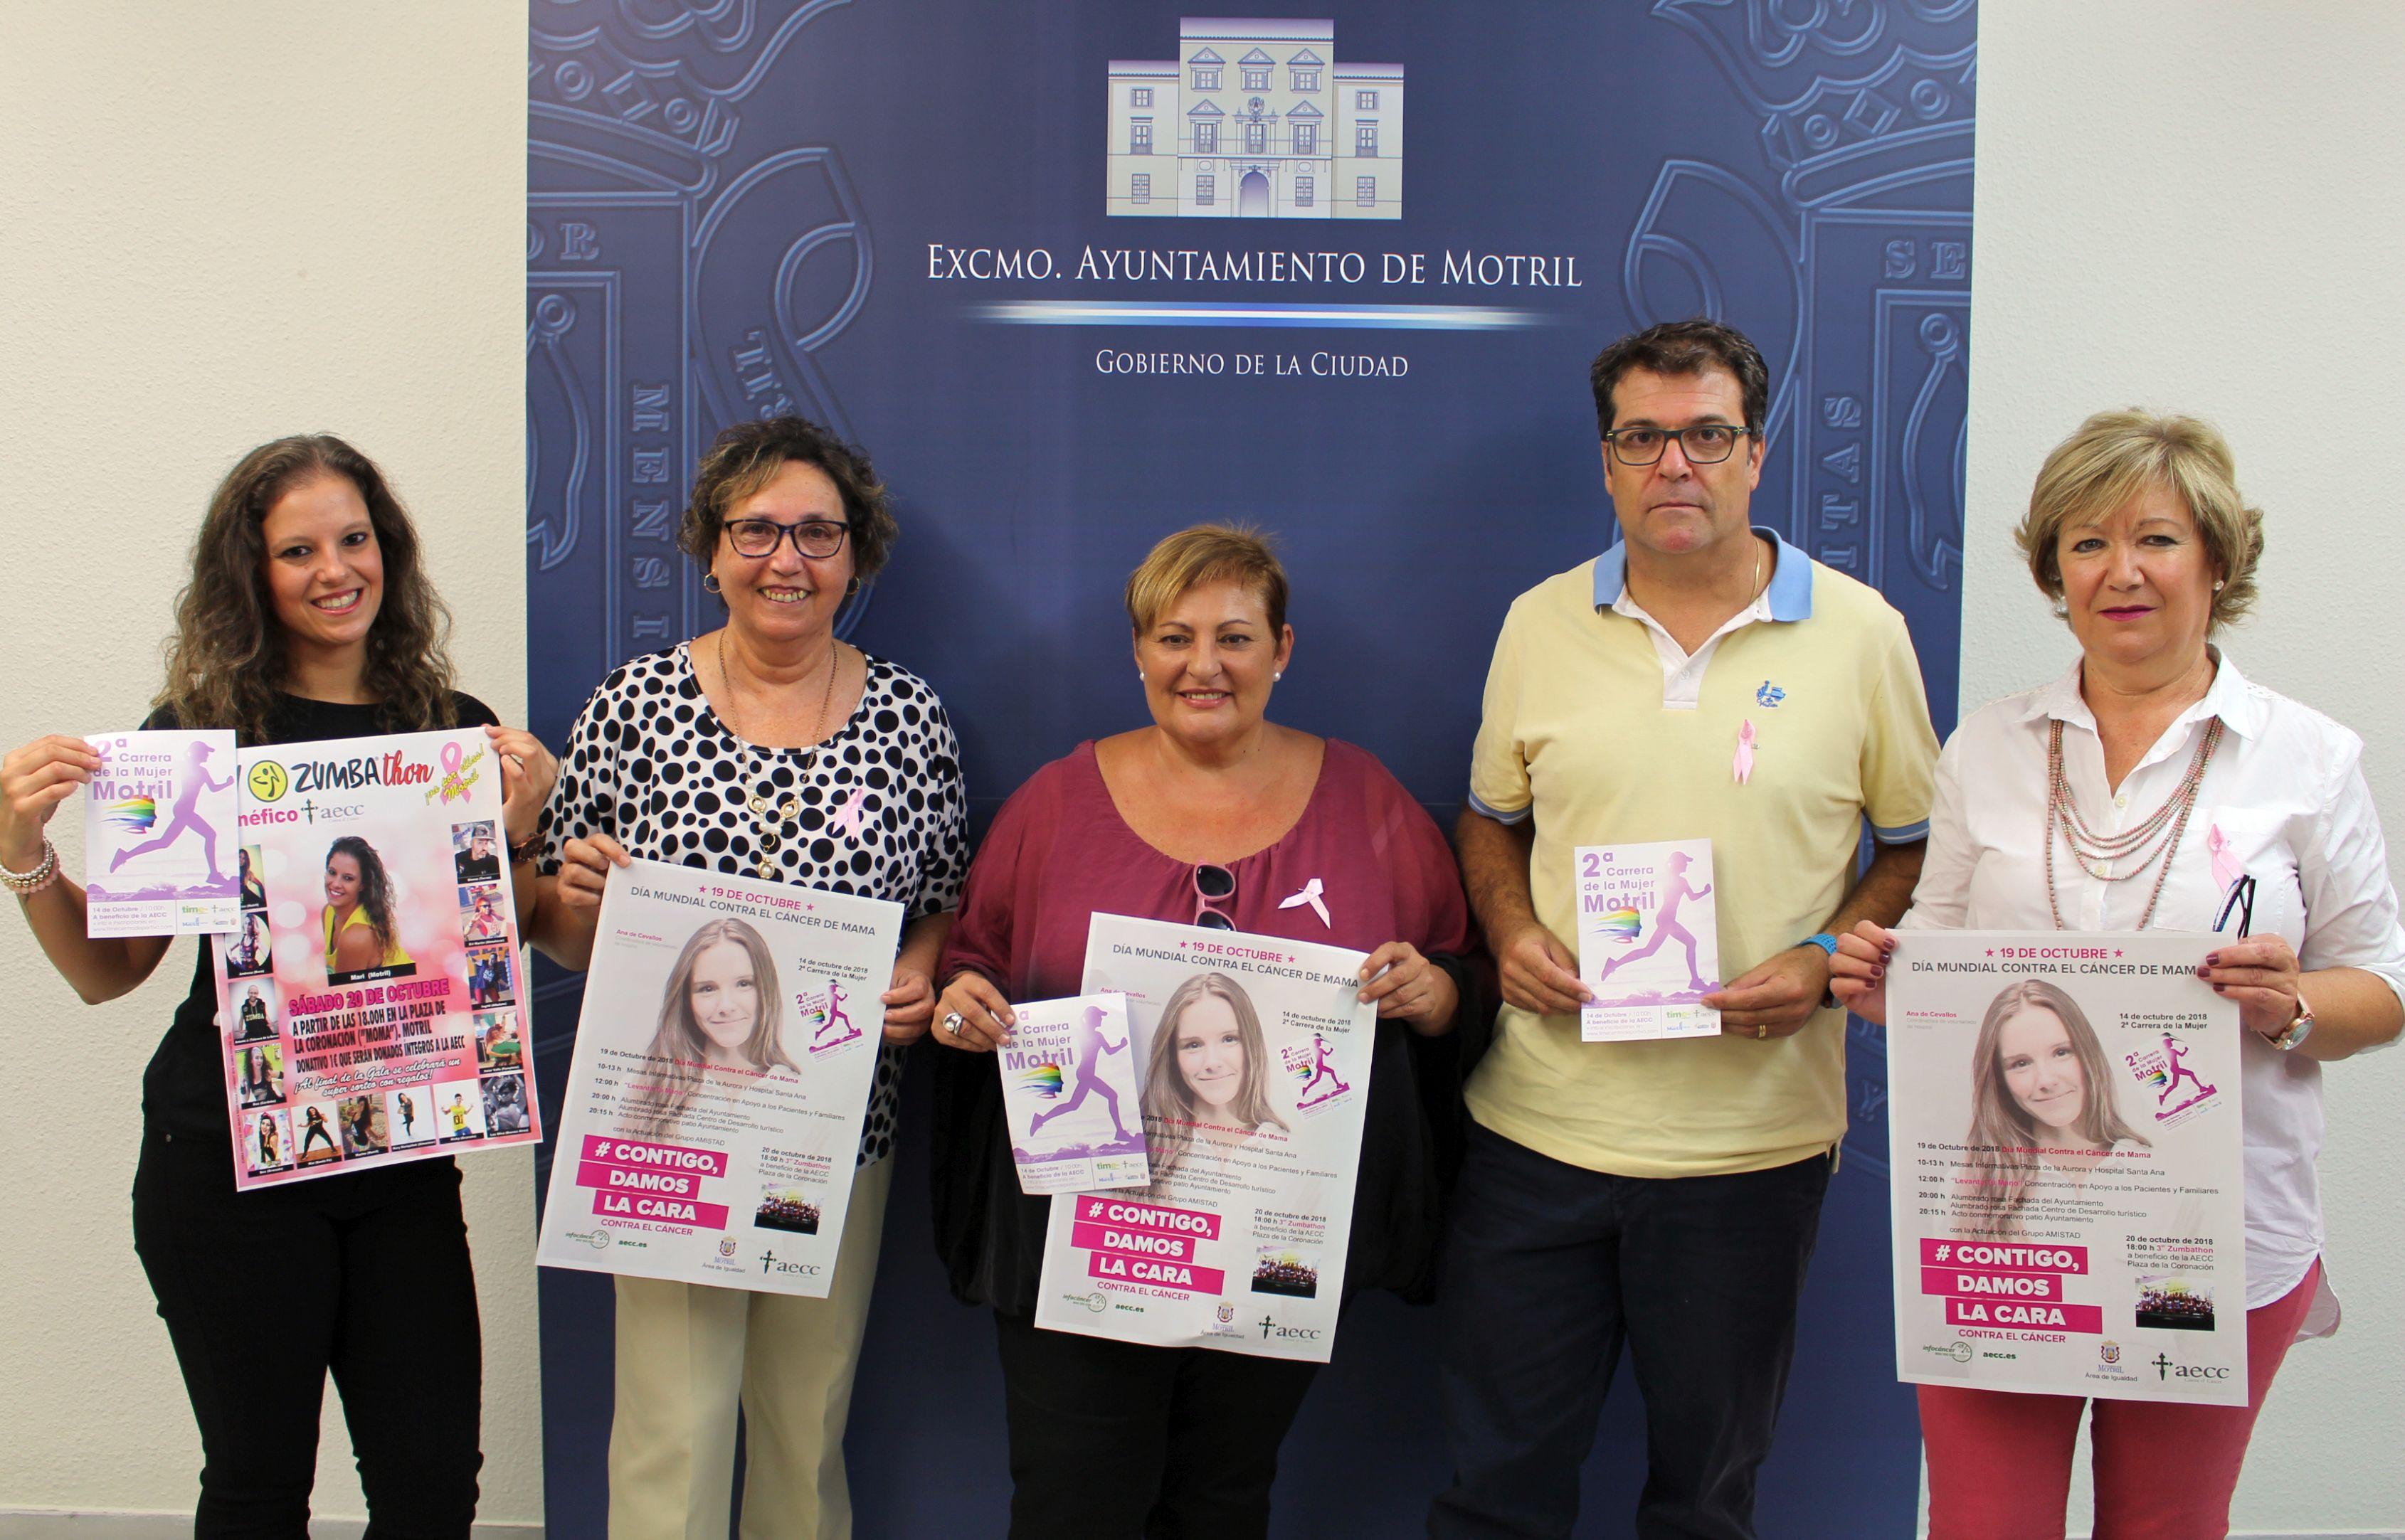 Presentación de los actos del Día Mundial Contra el Cáncer de Mama (Foto: El Faro)